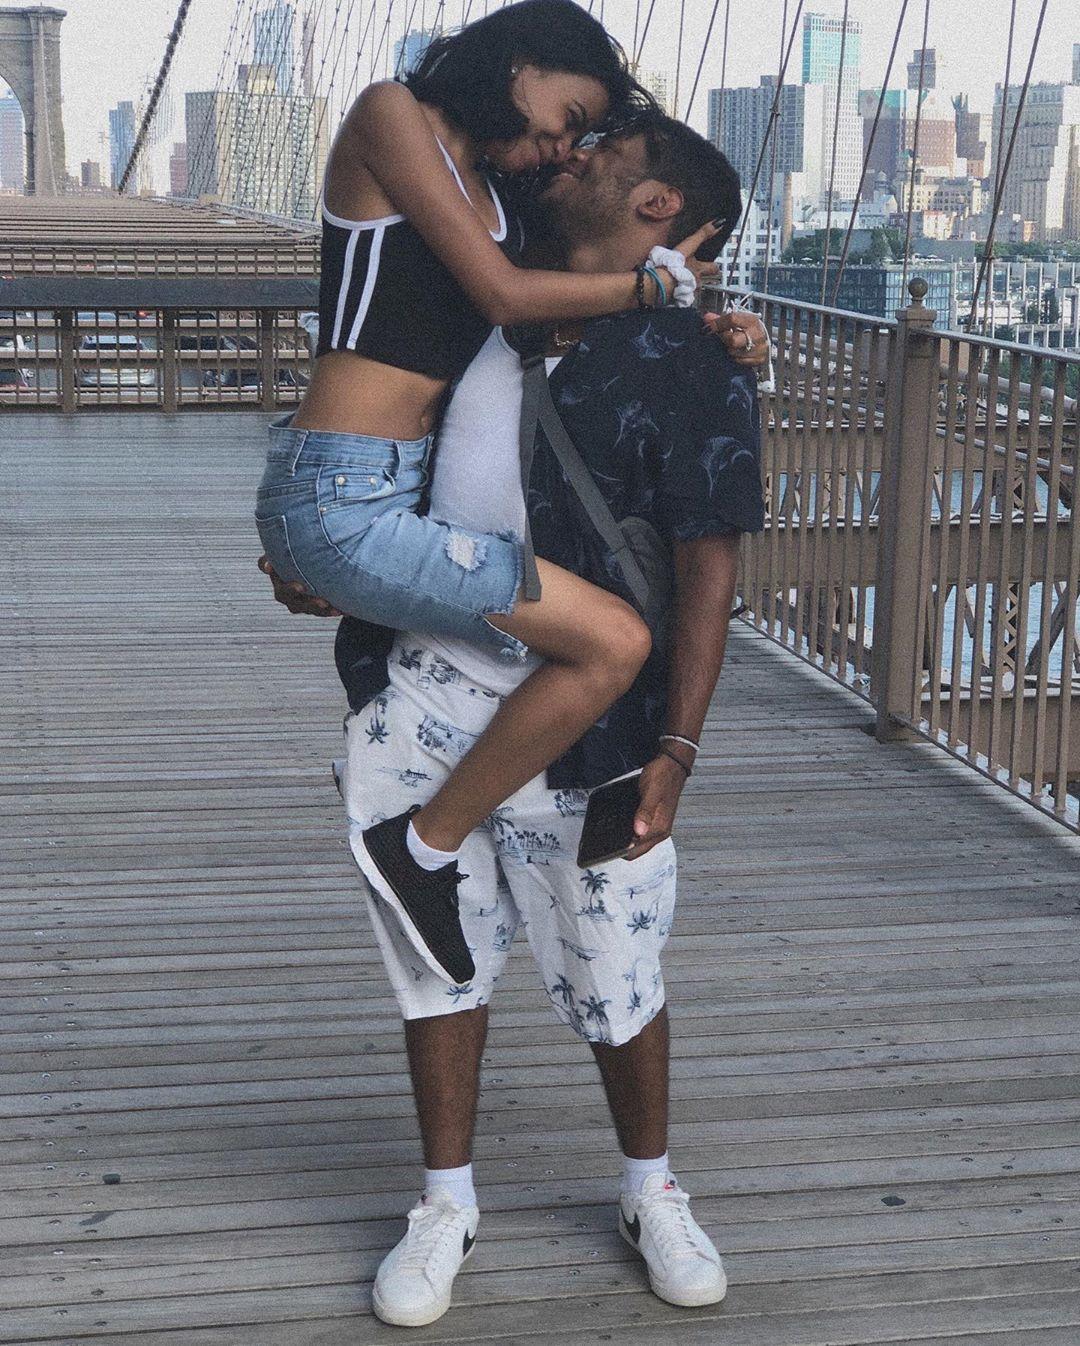 Accidente de ciclista volvió viral una propuesta de matrimonio